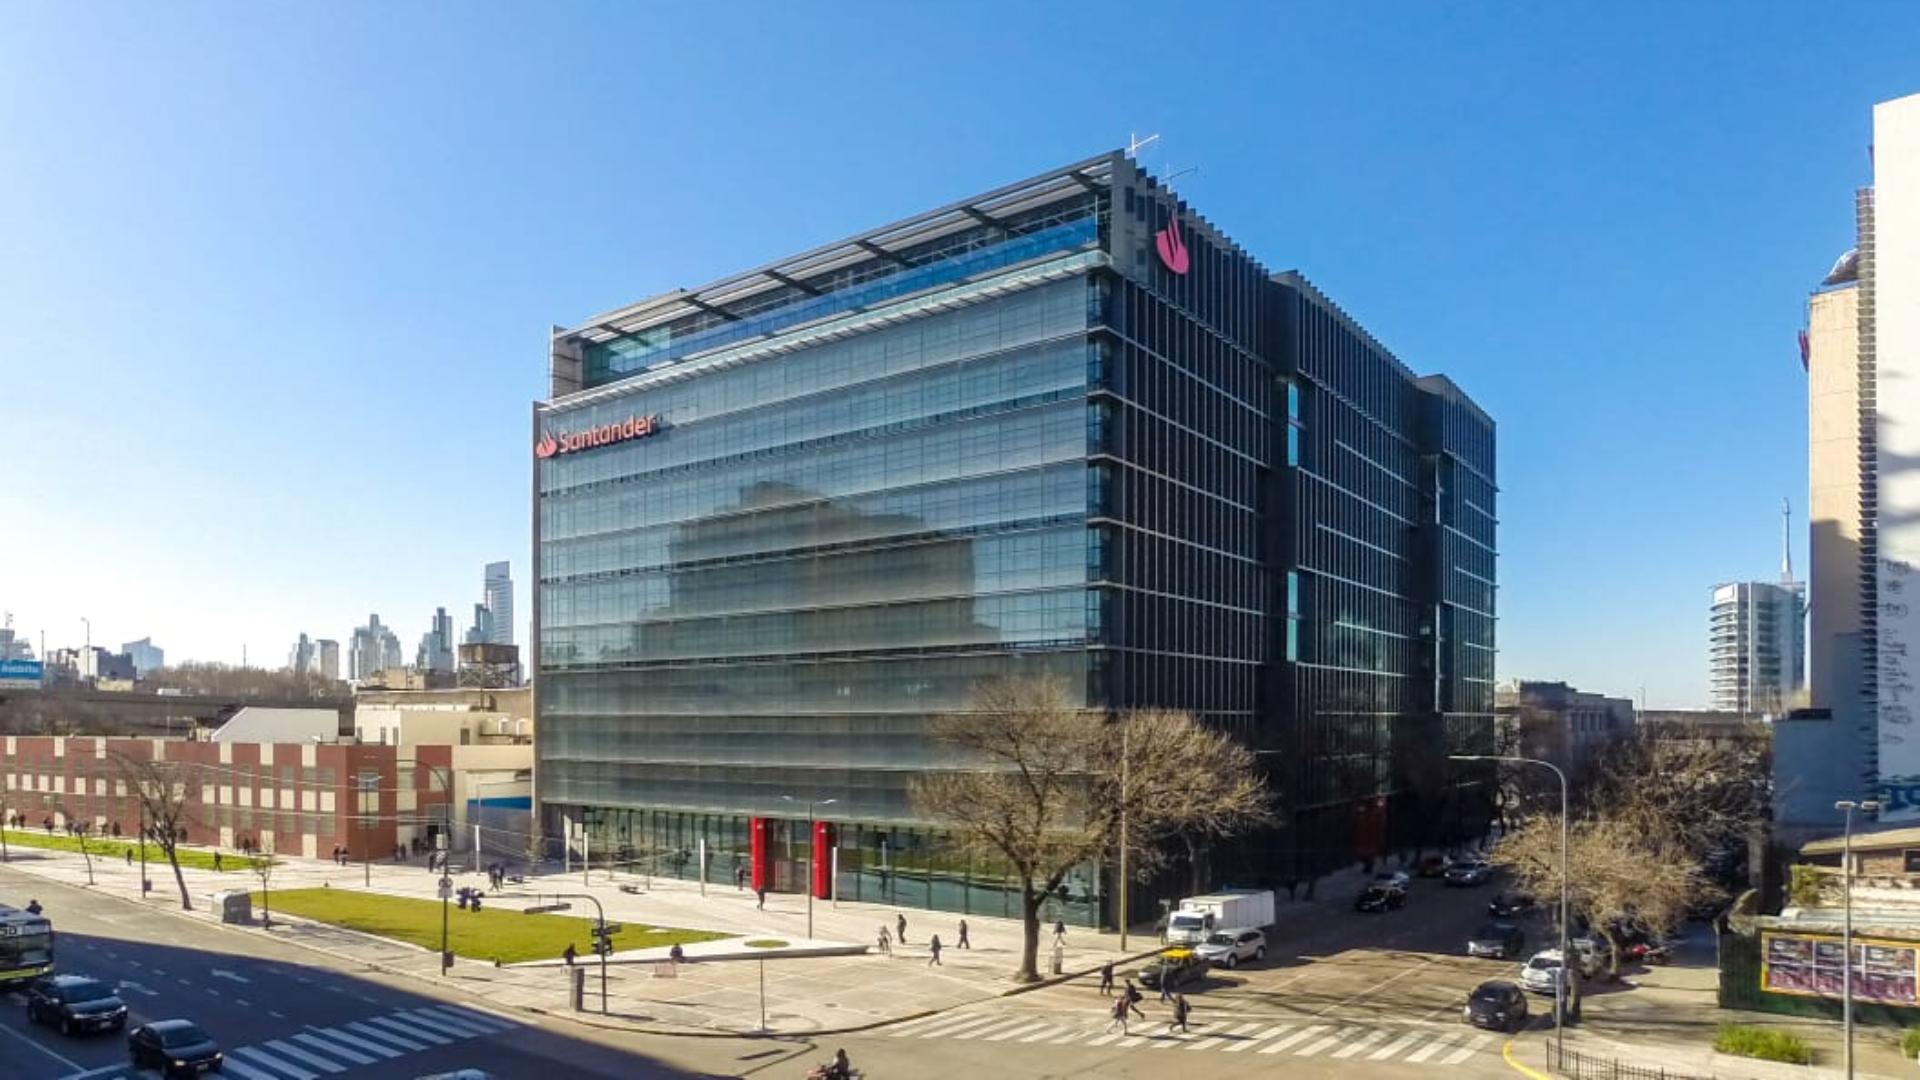 La nueva sede corporativa de Santander Argentina está ubicada en la intersección de las avenidas Juan de Garay y Paseo Colón